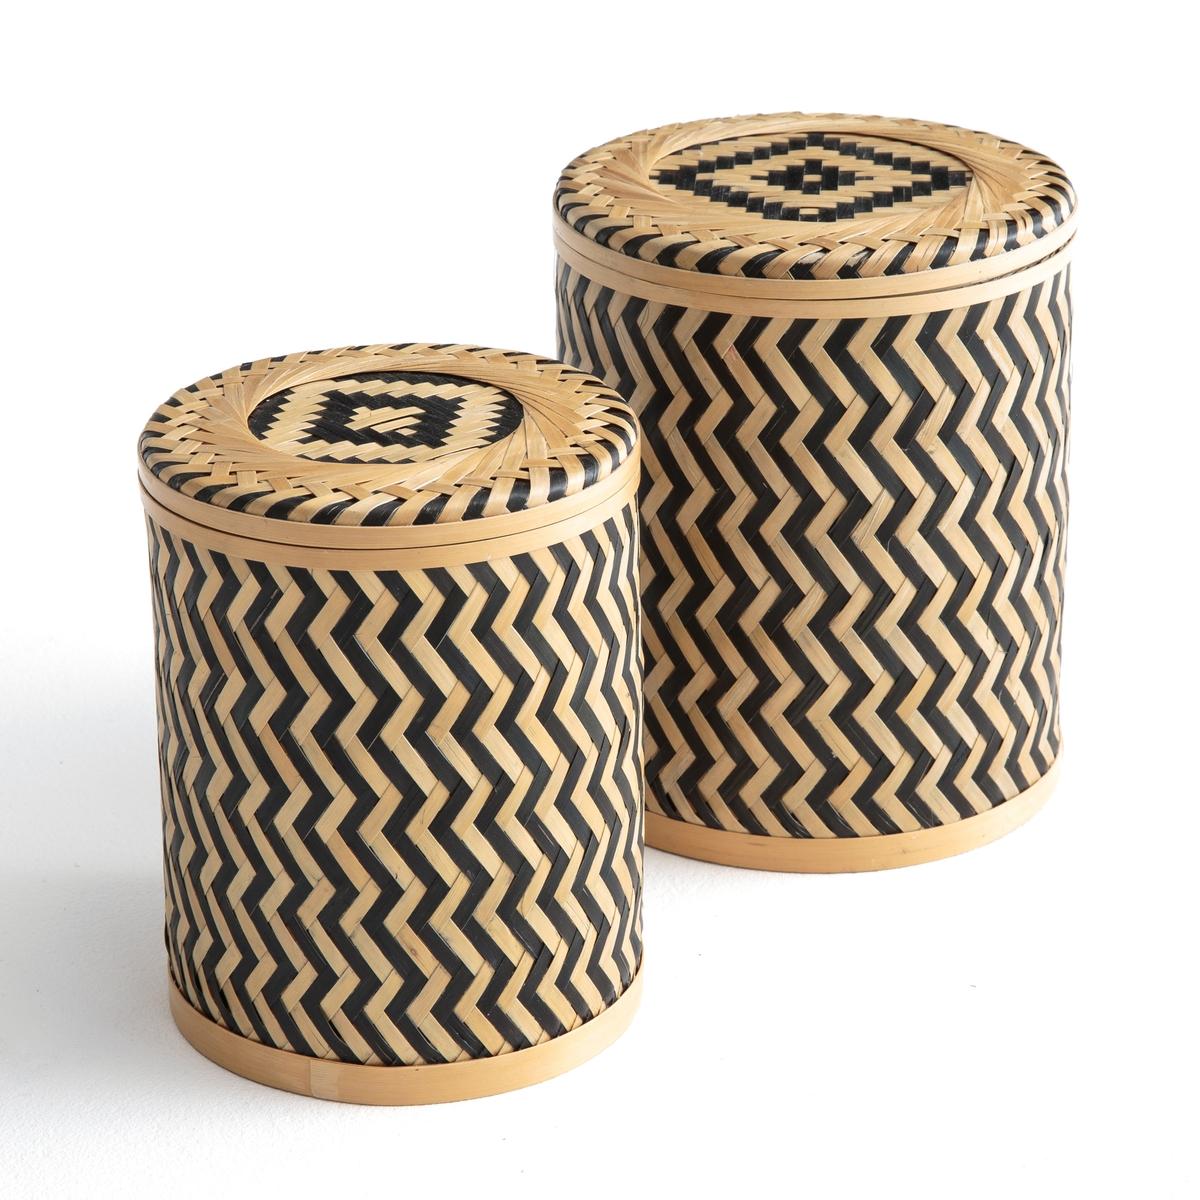 2 коробки из плтеного бамбука BACHAОписание:2 коробки для хранения вещей, из бамбука, с оригинальным зигзагообразным рисунком, со съемной и невероятно практичной крышкой .Описание коробки Bacha :2 коробки из плетеного бамбука, с зигзагообразным рисунком .Съемная крышка. Округлая форма Откройте для себя всю коллекцию декора на сайте laredoute.ru Размеры коробок Bacha :Размеры (1) 13 x 13 x H 16 см Размеры (2)  11 x 11 x H14 см Продаются в комплекте из 2 штук разного размера<br><br>Цвет: экрю/ черный